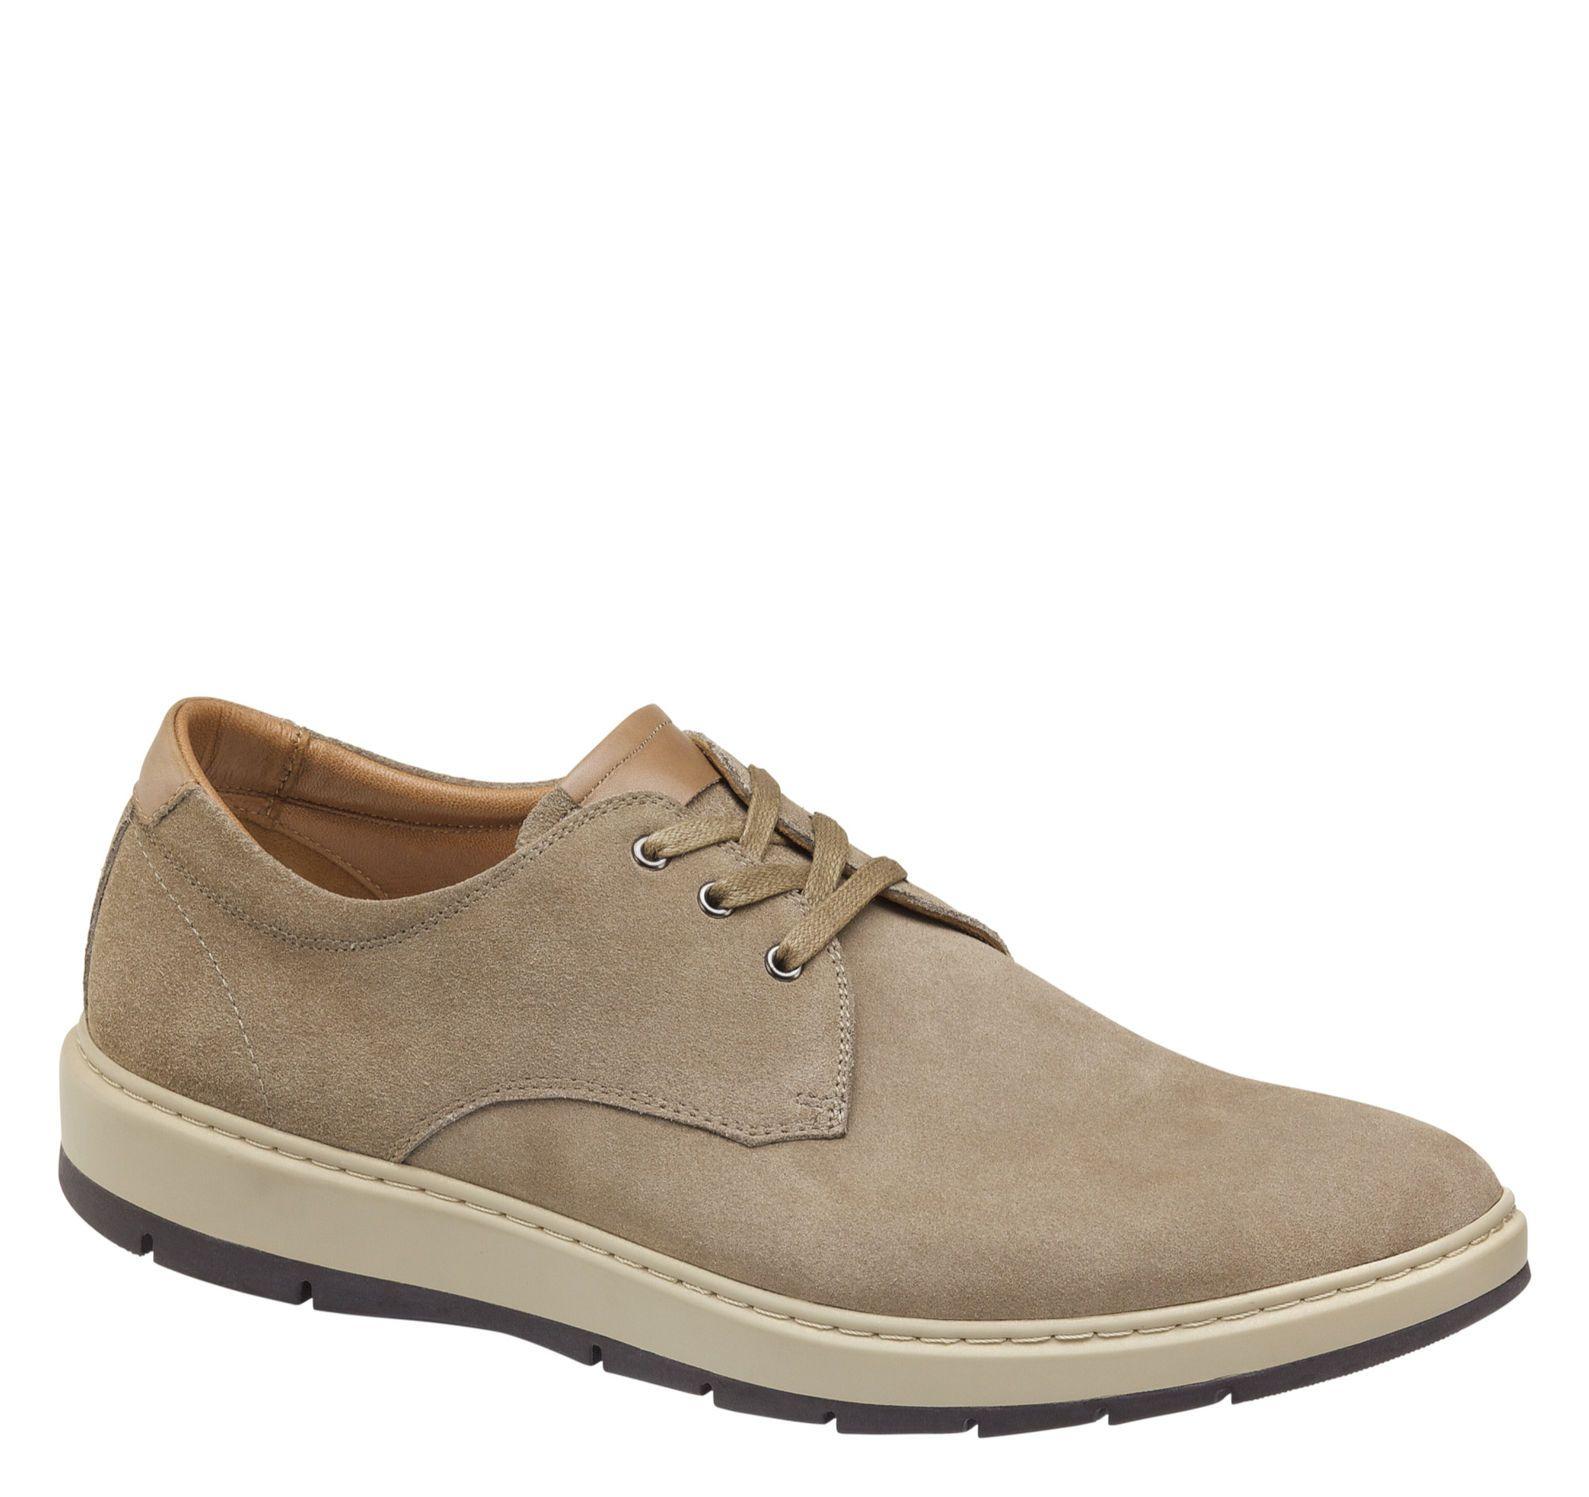 Elliston Plain Toe   Boat shoes outfit